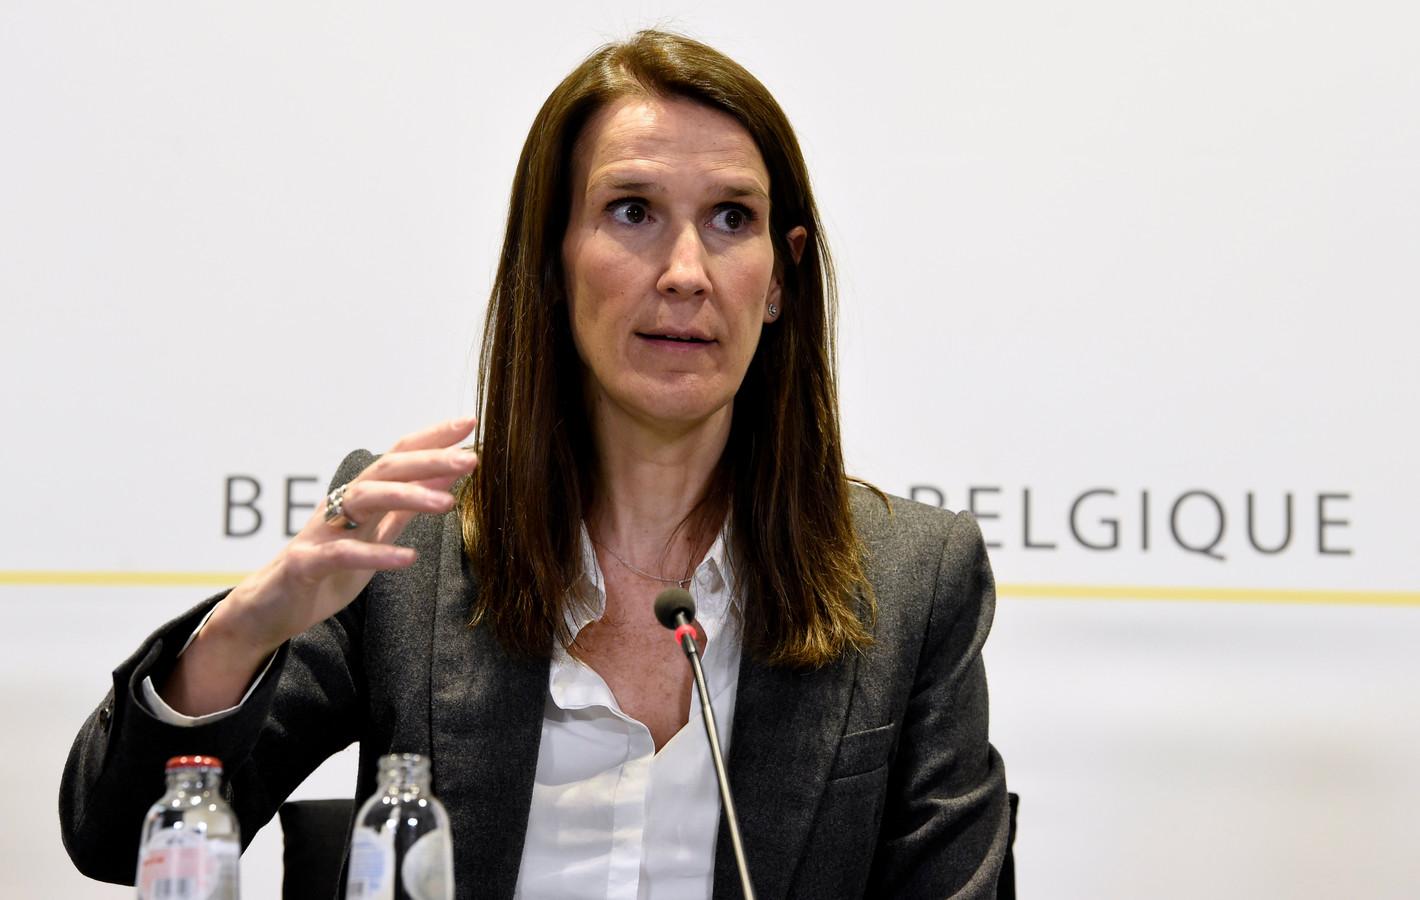 Conseil National de Sécurité au sujet des mesures supplémentaires pour lutter contre l'épidémie de Coronavirus (Sophie Wilmès)